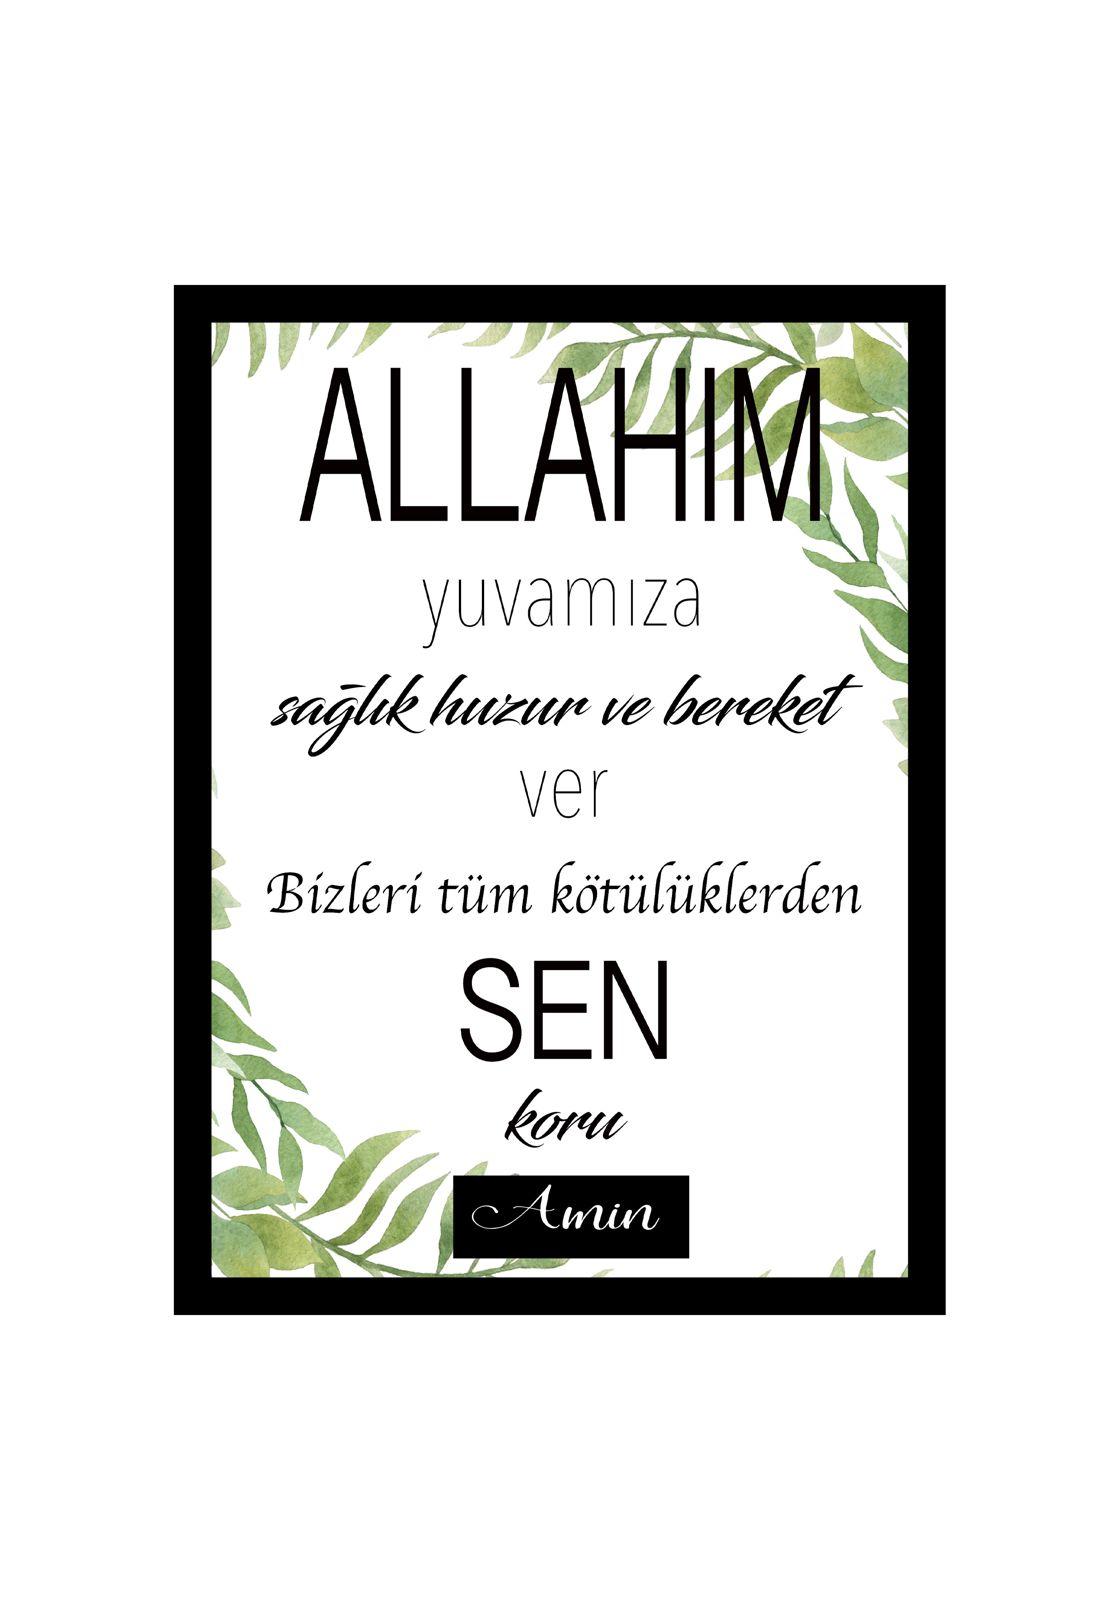 Dua yeşil yapraklı_opt